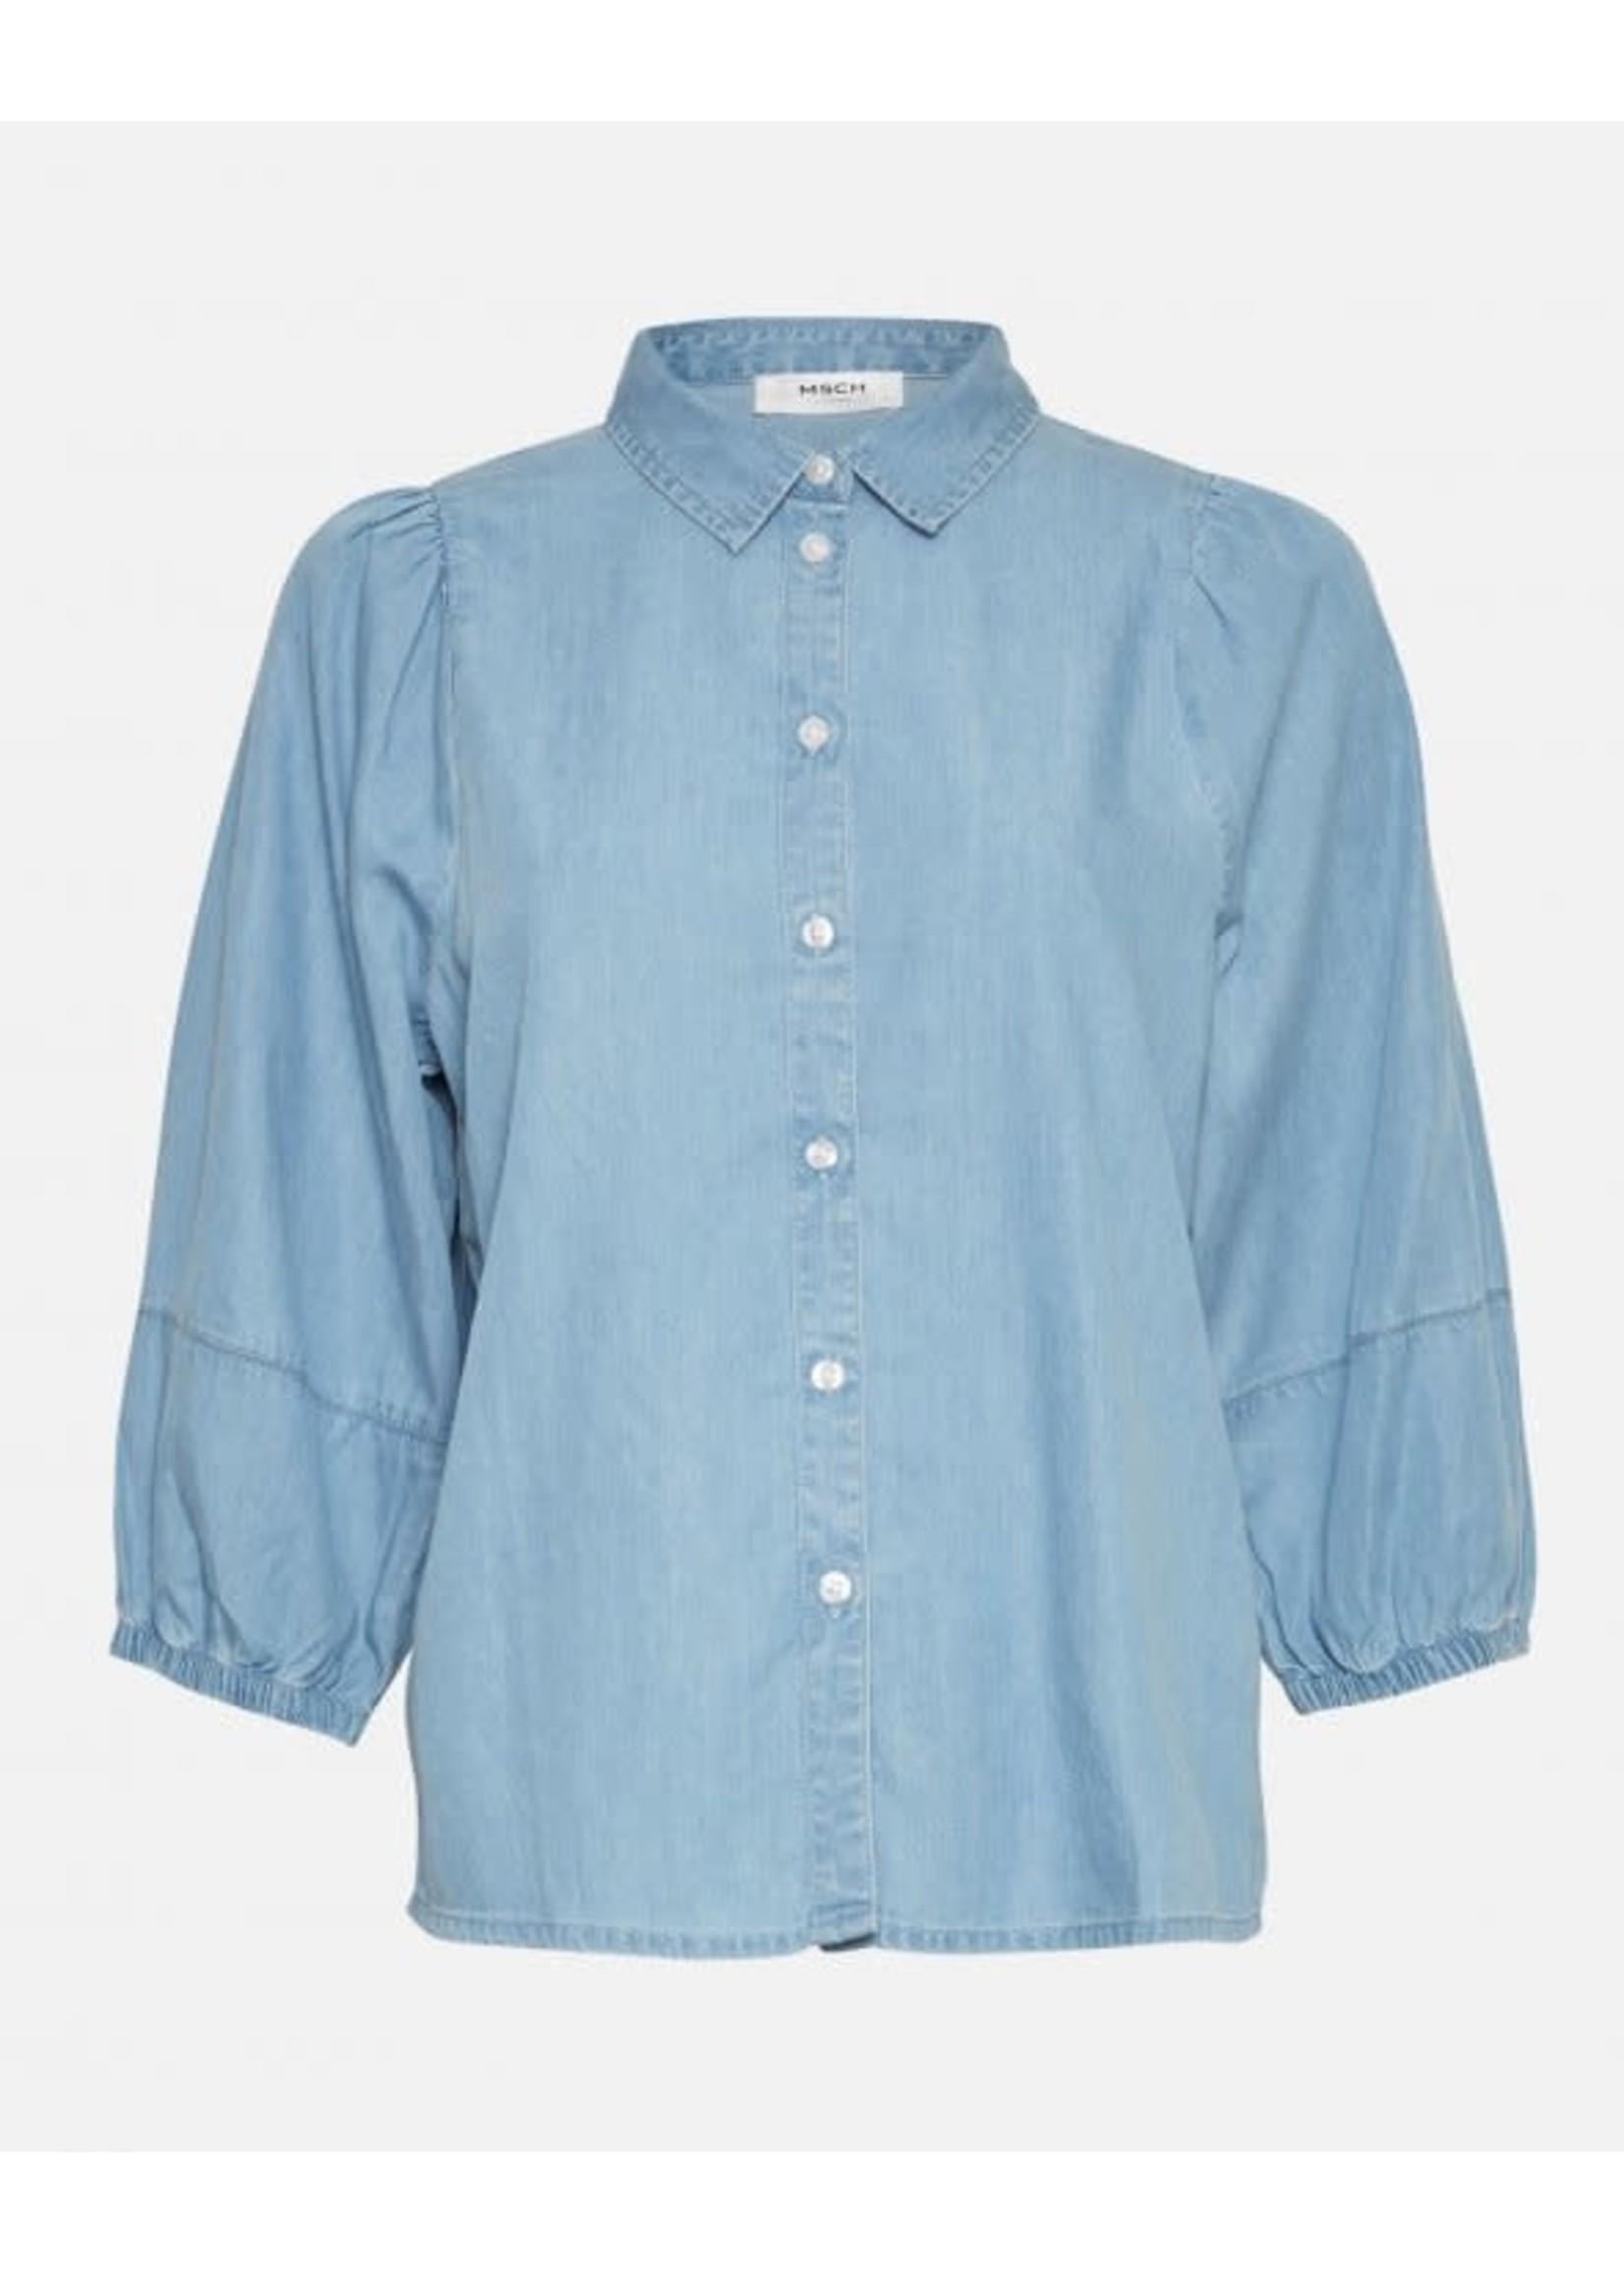 MSCH Jaina 3/4 Shirt